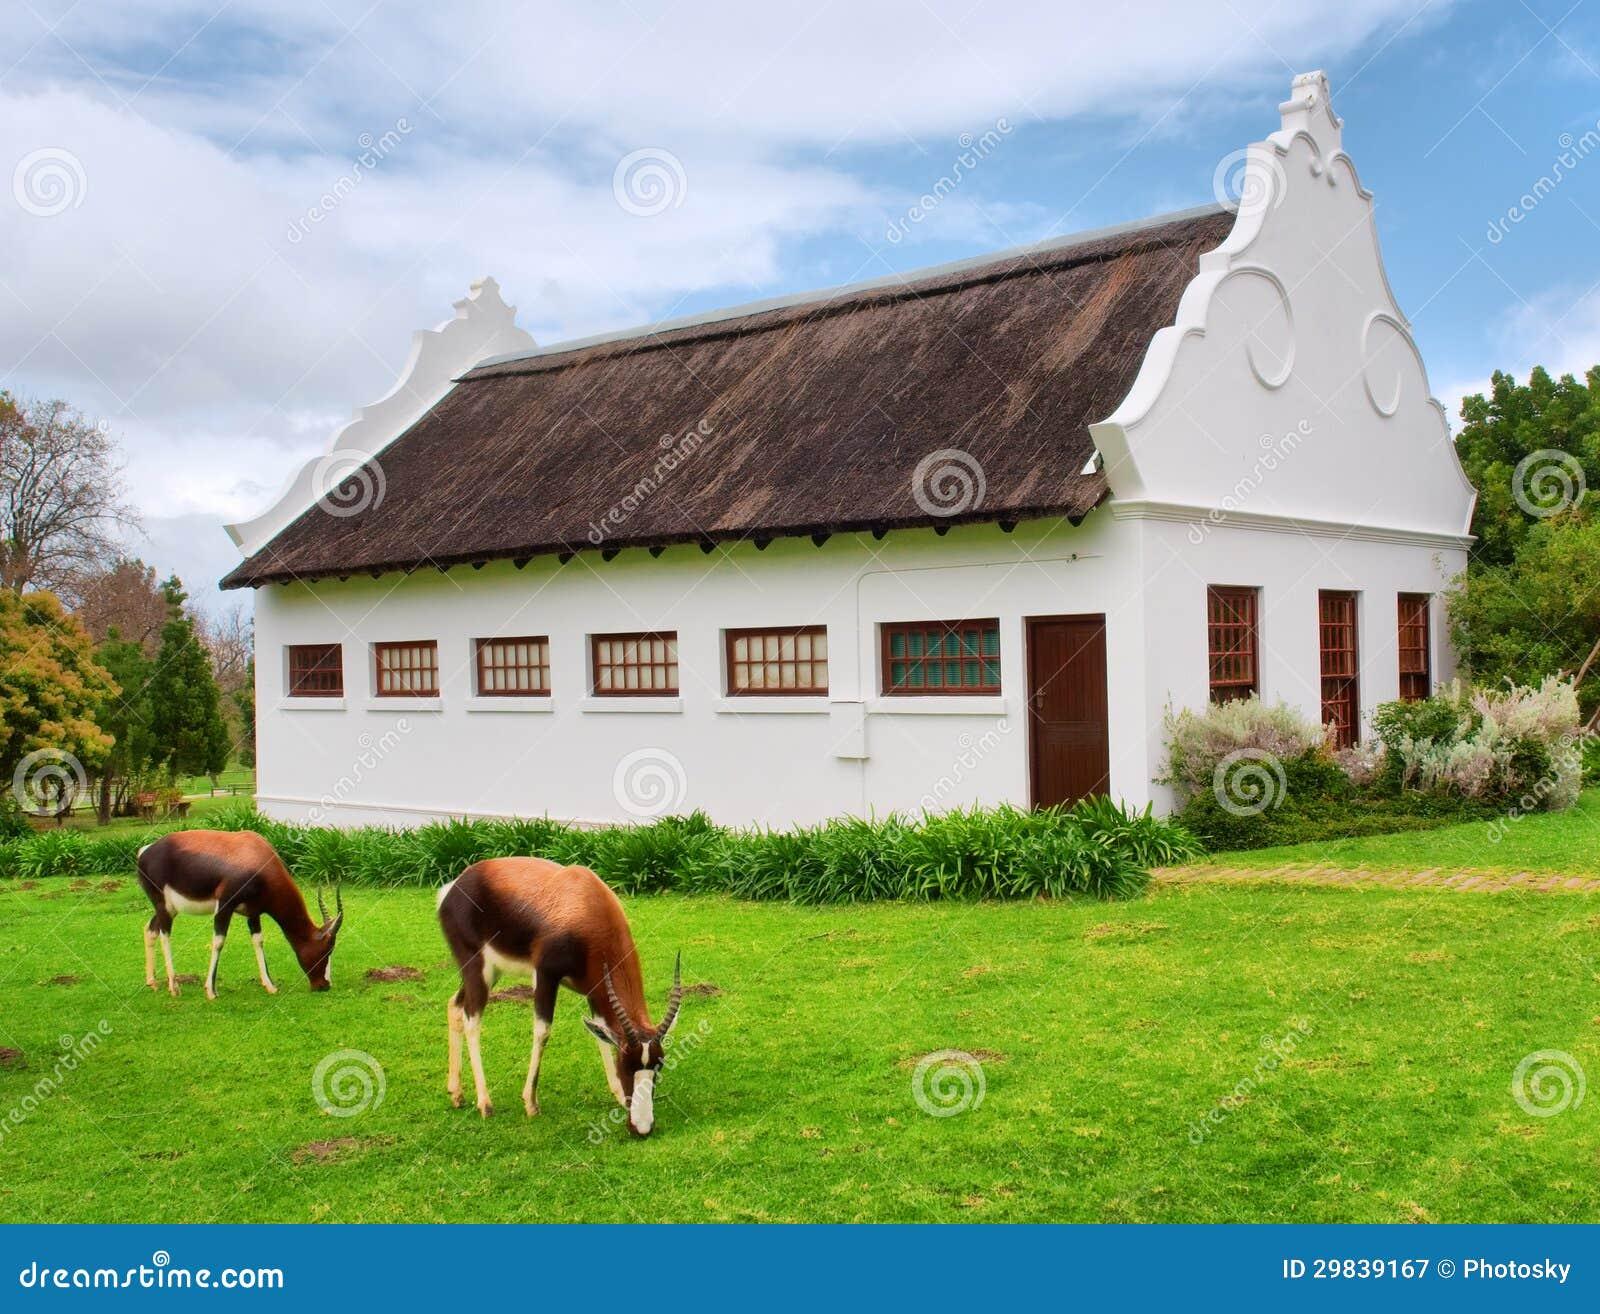 Pastando antílopes na frente da casa tradicional do holandês sul-africano